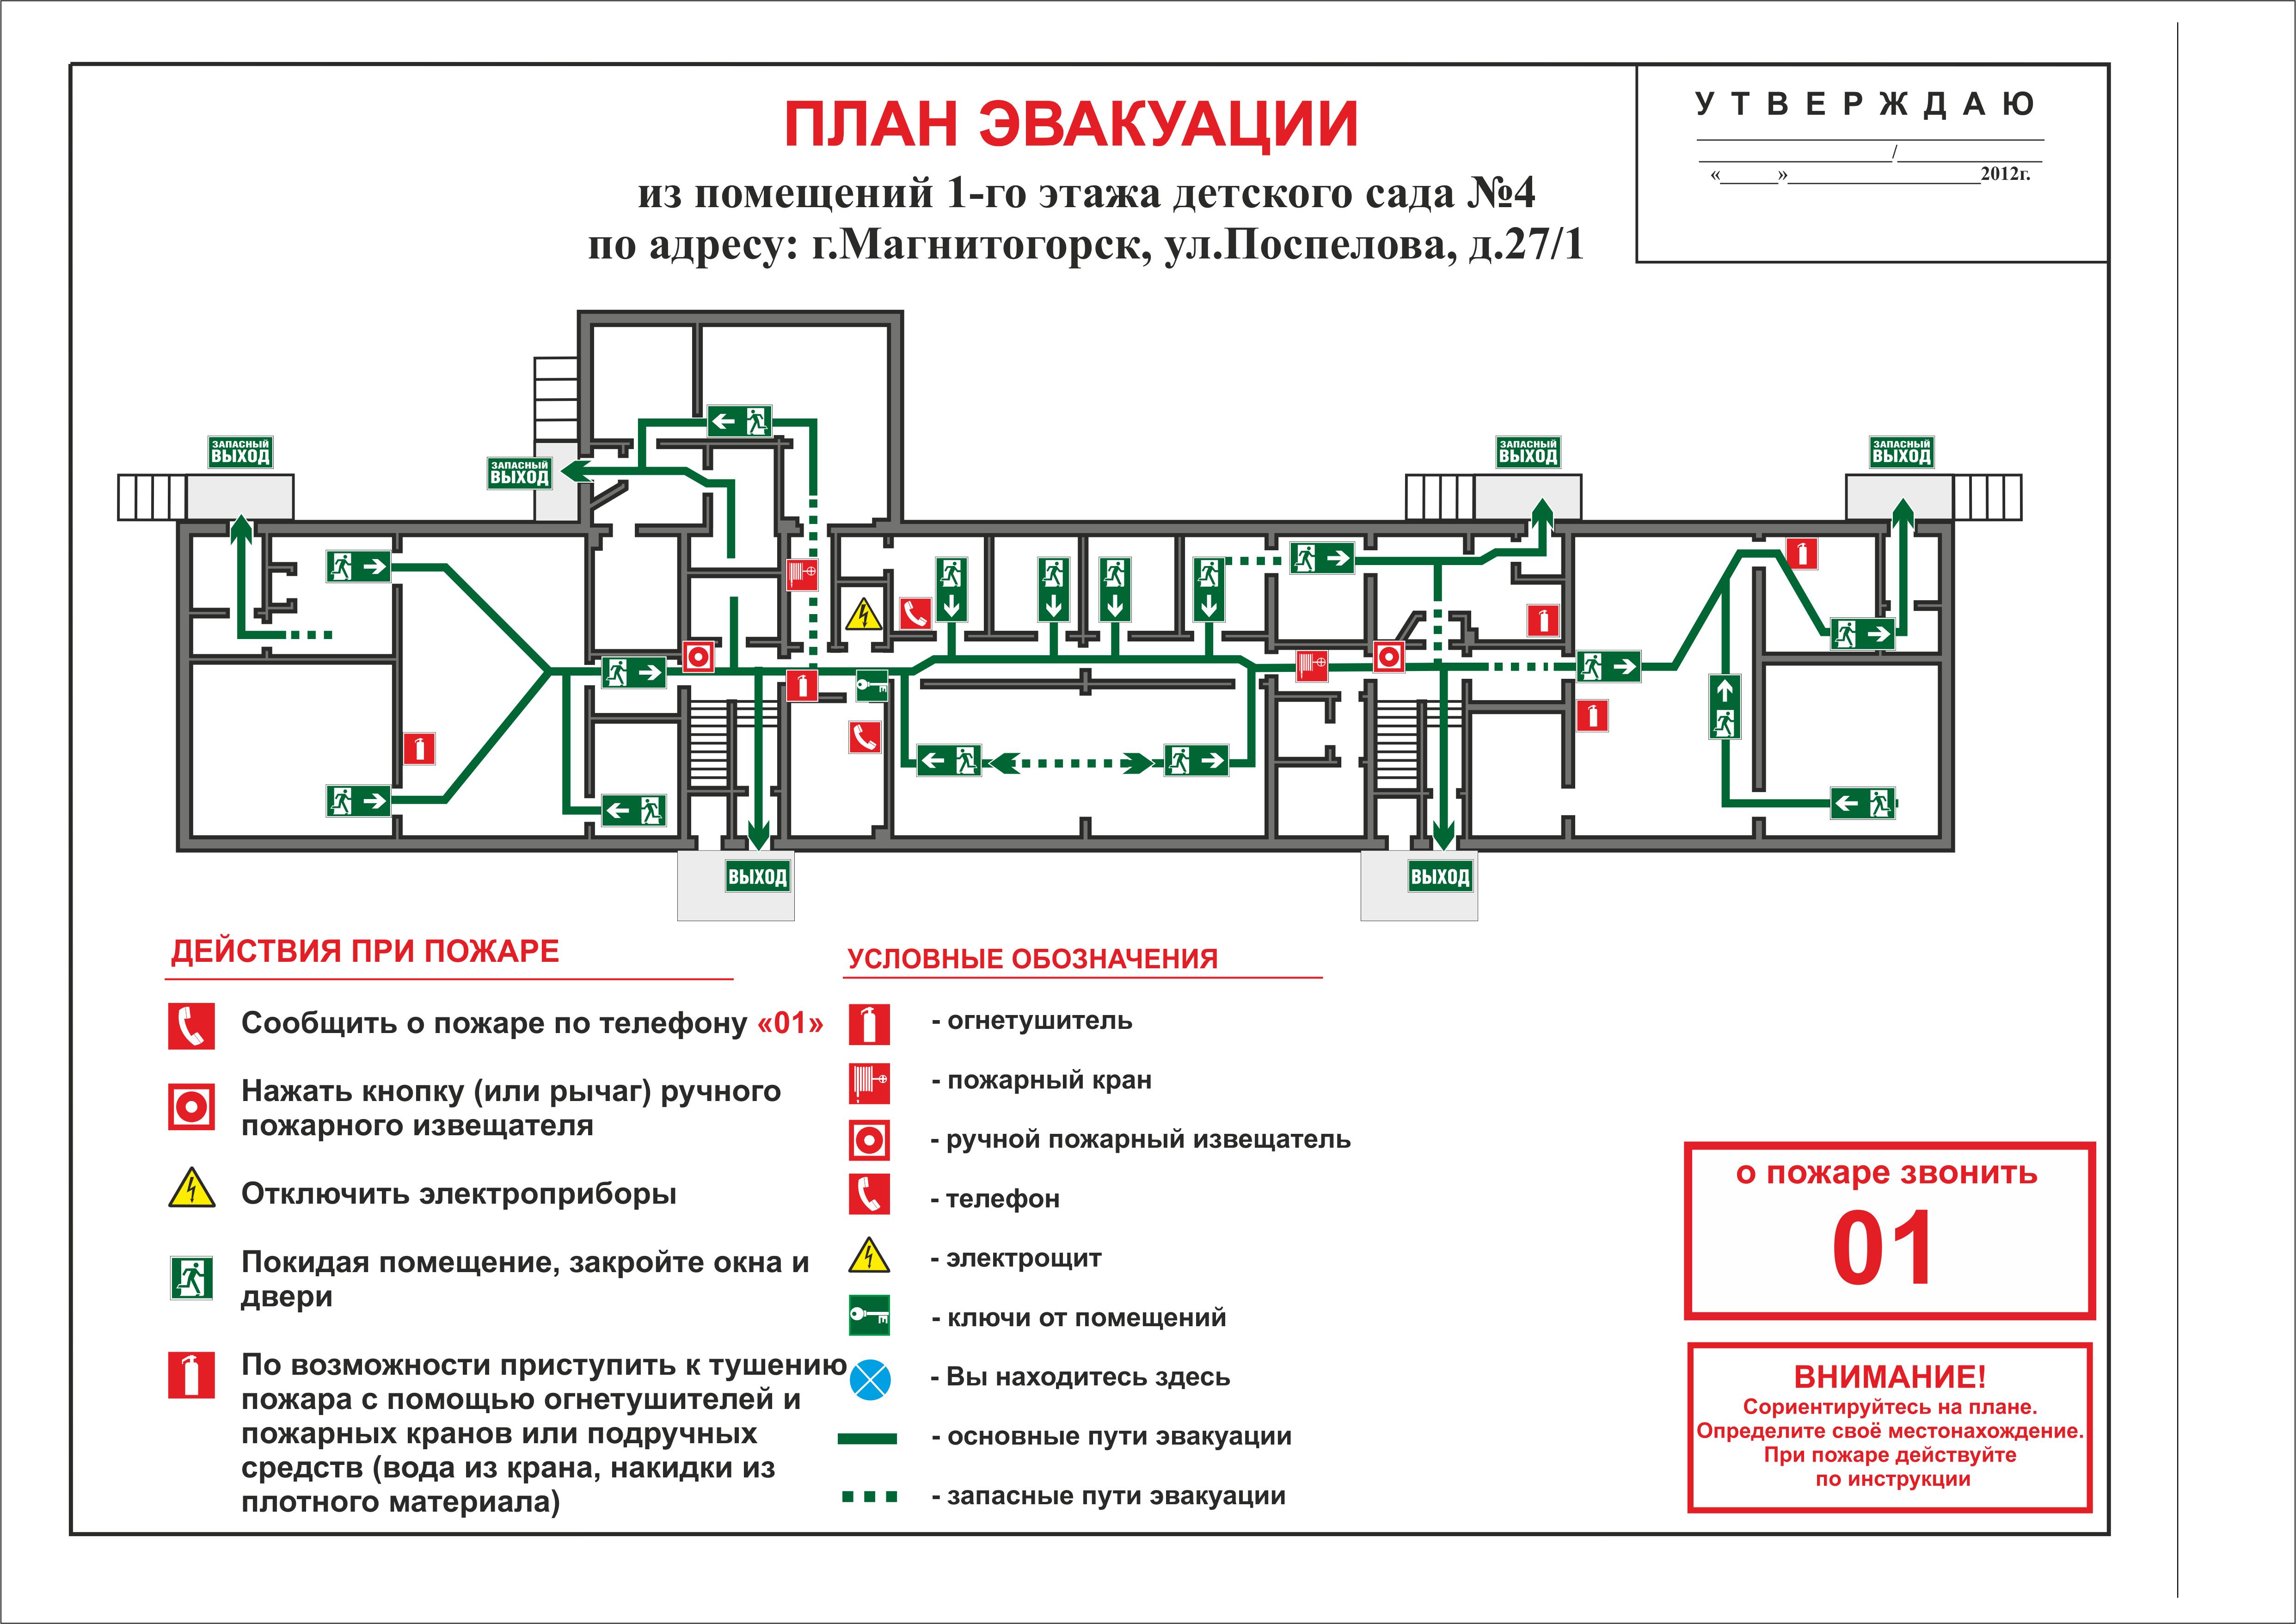 Инструкция О Мерах Пожарной Безопасности В Стоматологической Клинике